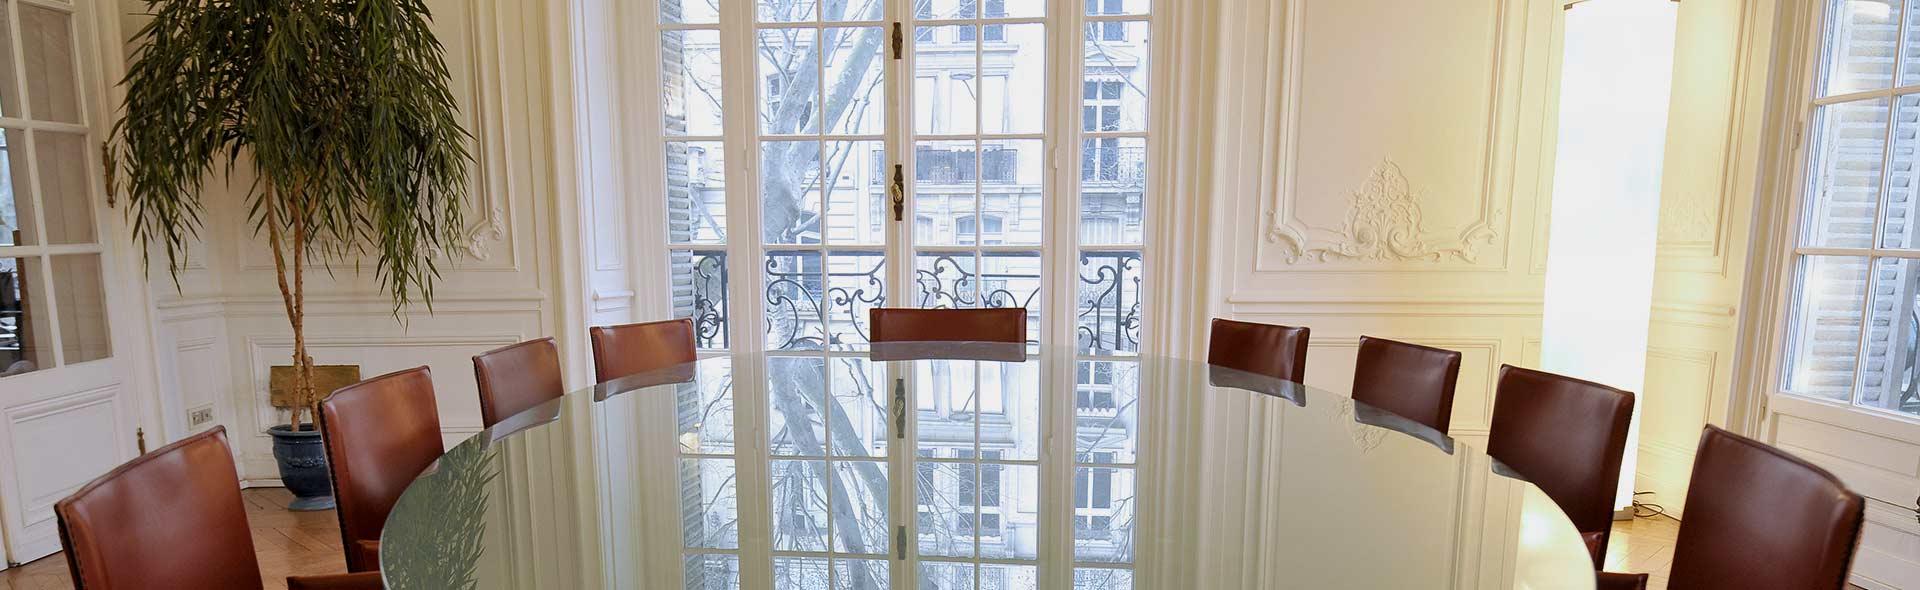 cabinet indoxia avocats droit des soci t s paris espagne. Black Bedroom Furniture Sets. Home Design Ideas